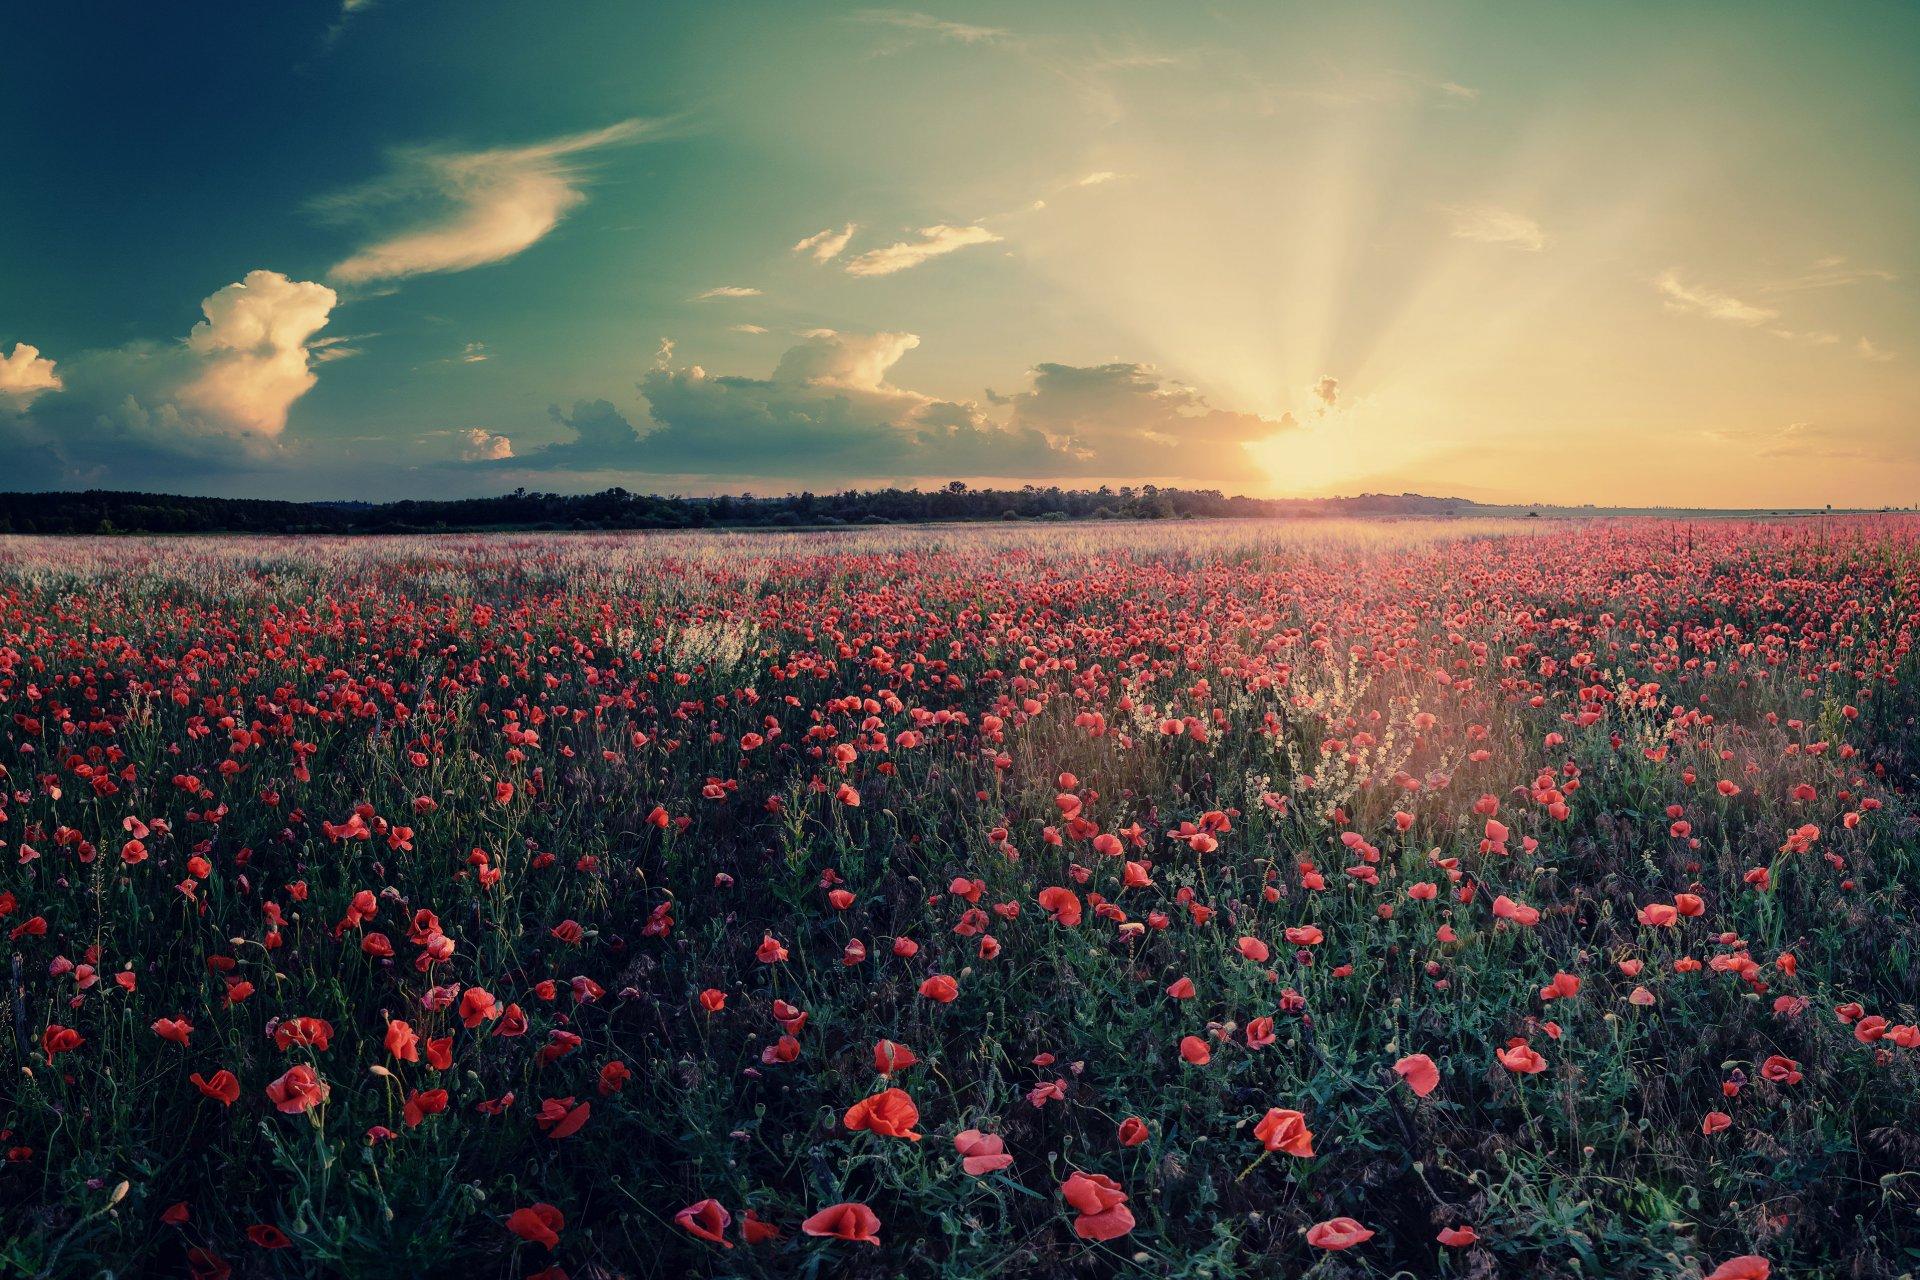 картинки про цветочные поля вопрос волнует многих